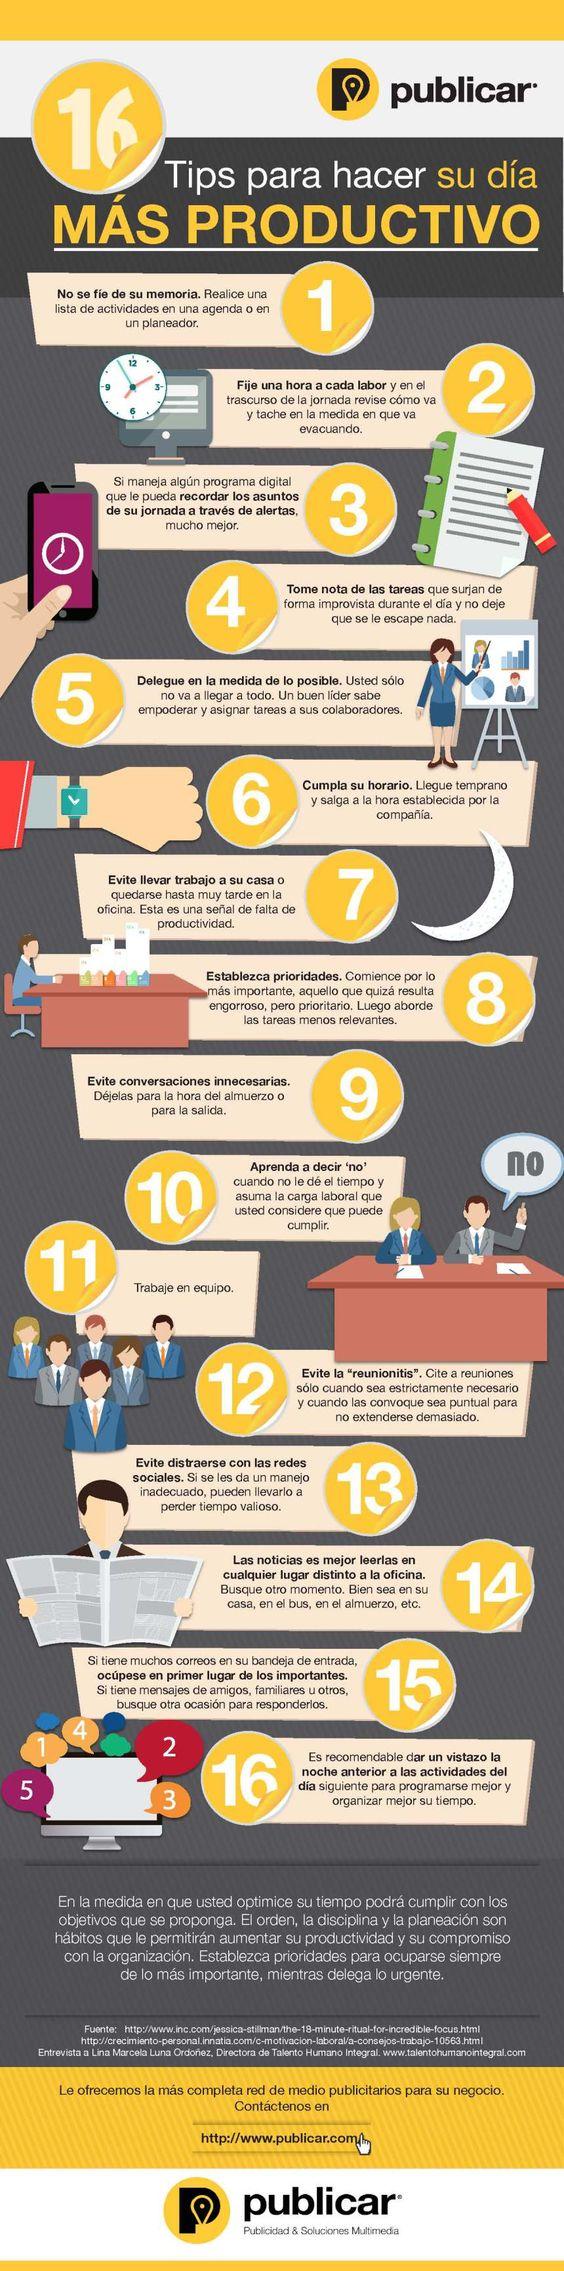 16 #consejos para ser más #productivo en el #trabajo: